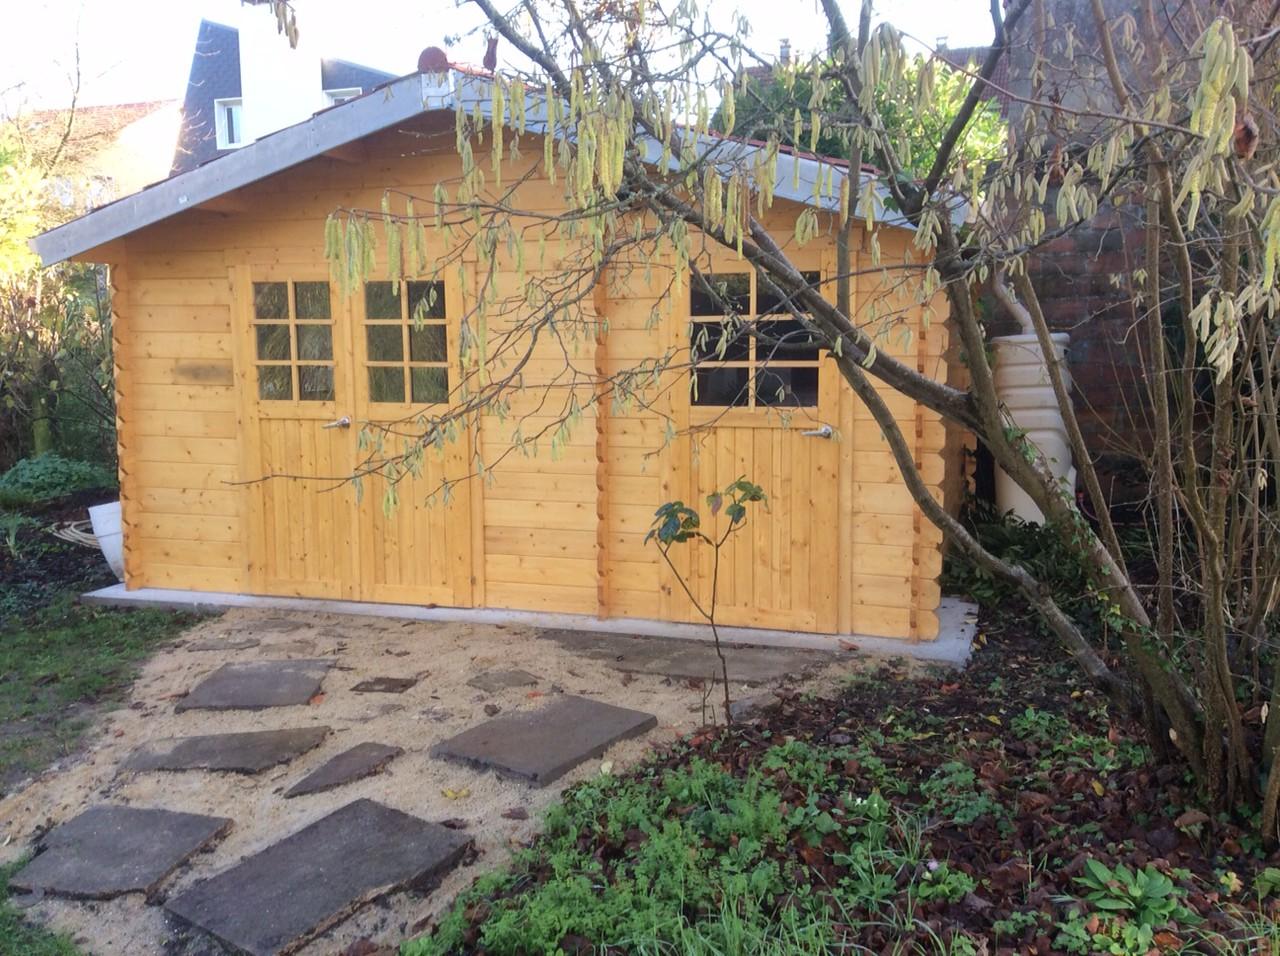 2 portes 2 acc s diff rents pour cet abri de jardin en for Porte pour abris de jardin